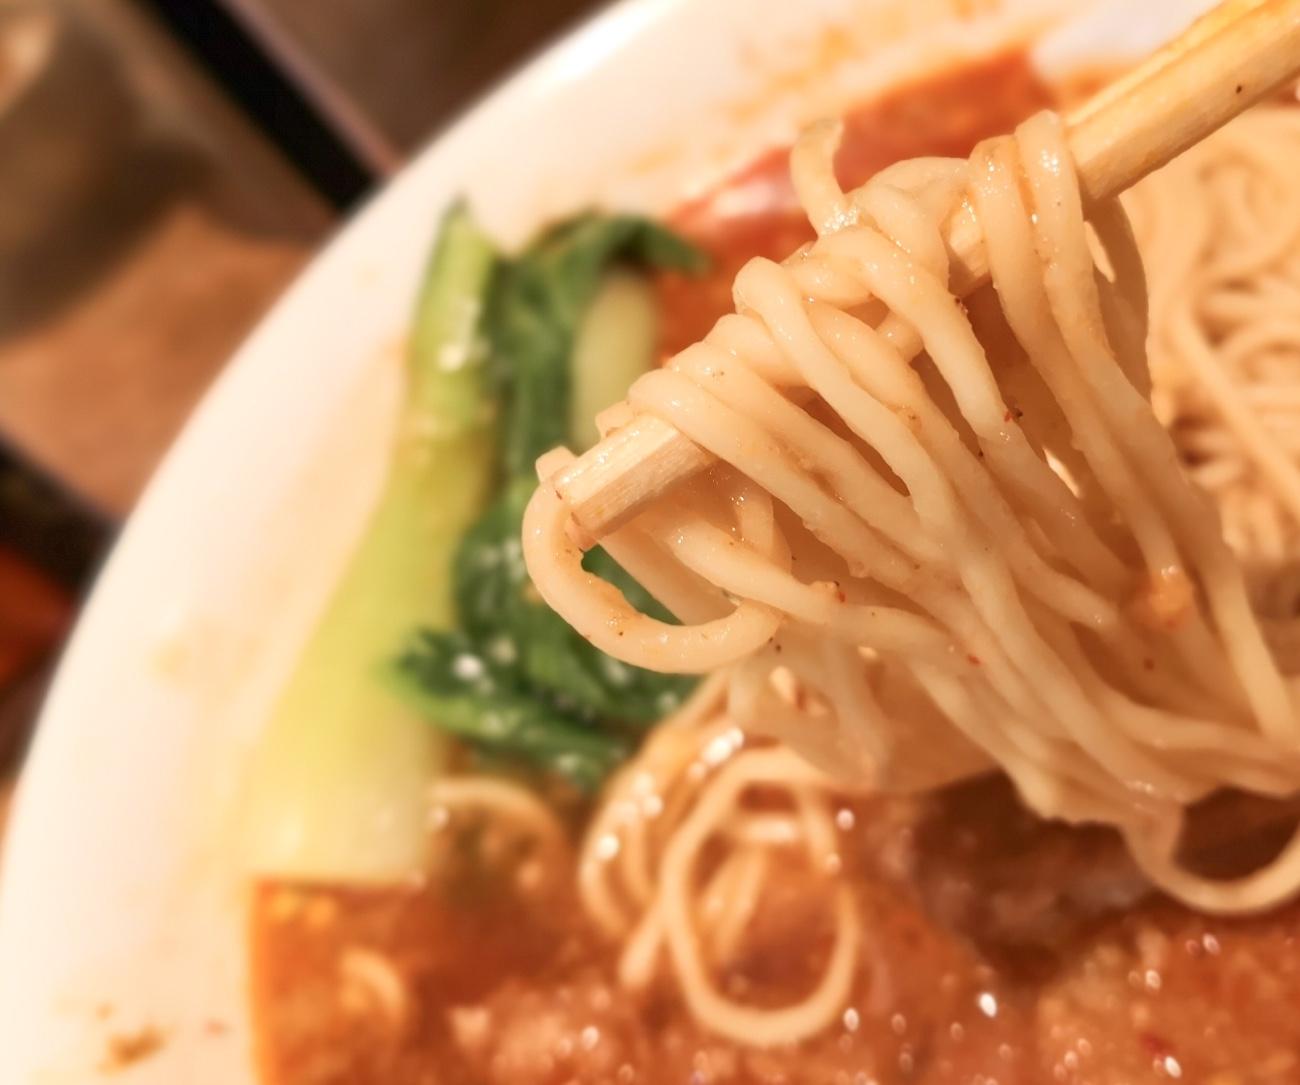 細ストレート麺 れんげのごとく渋谷